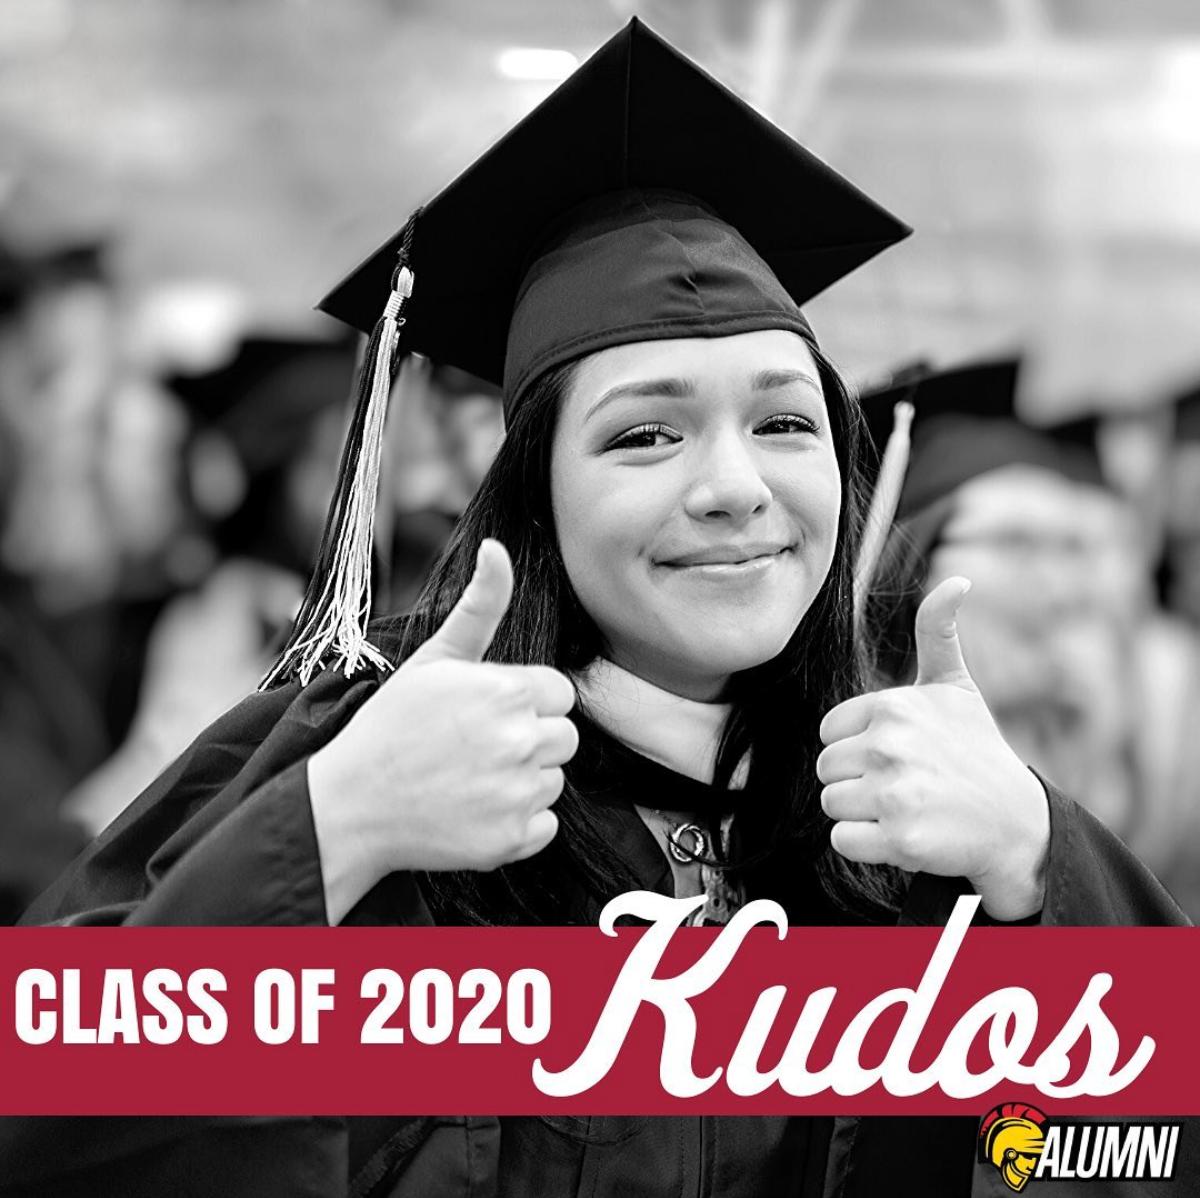 Class of 2020 Kudos